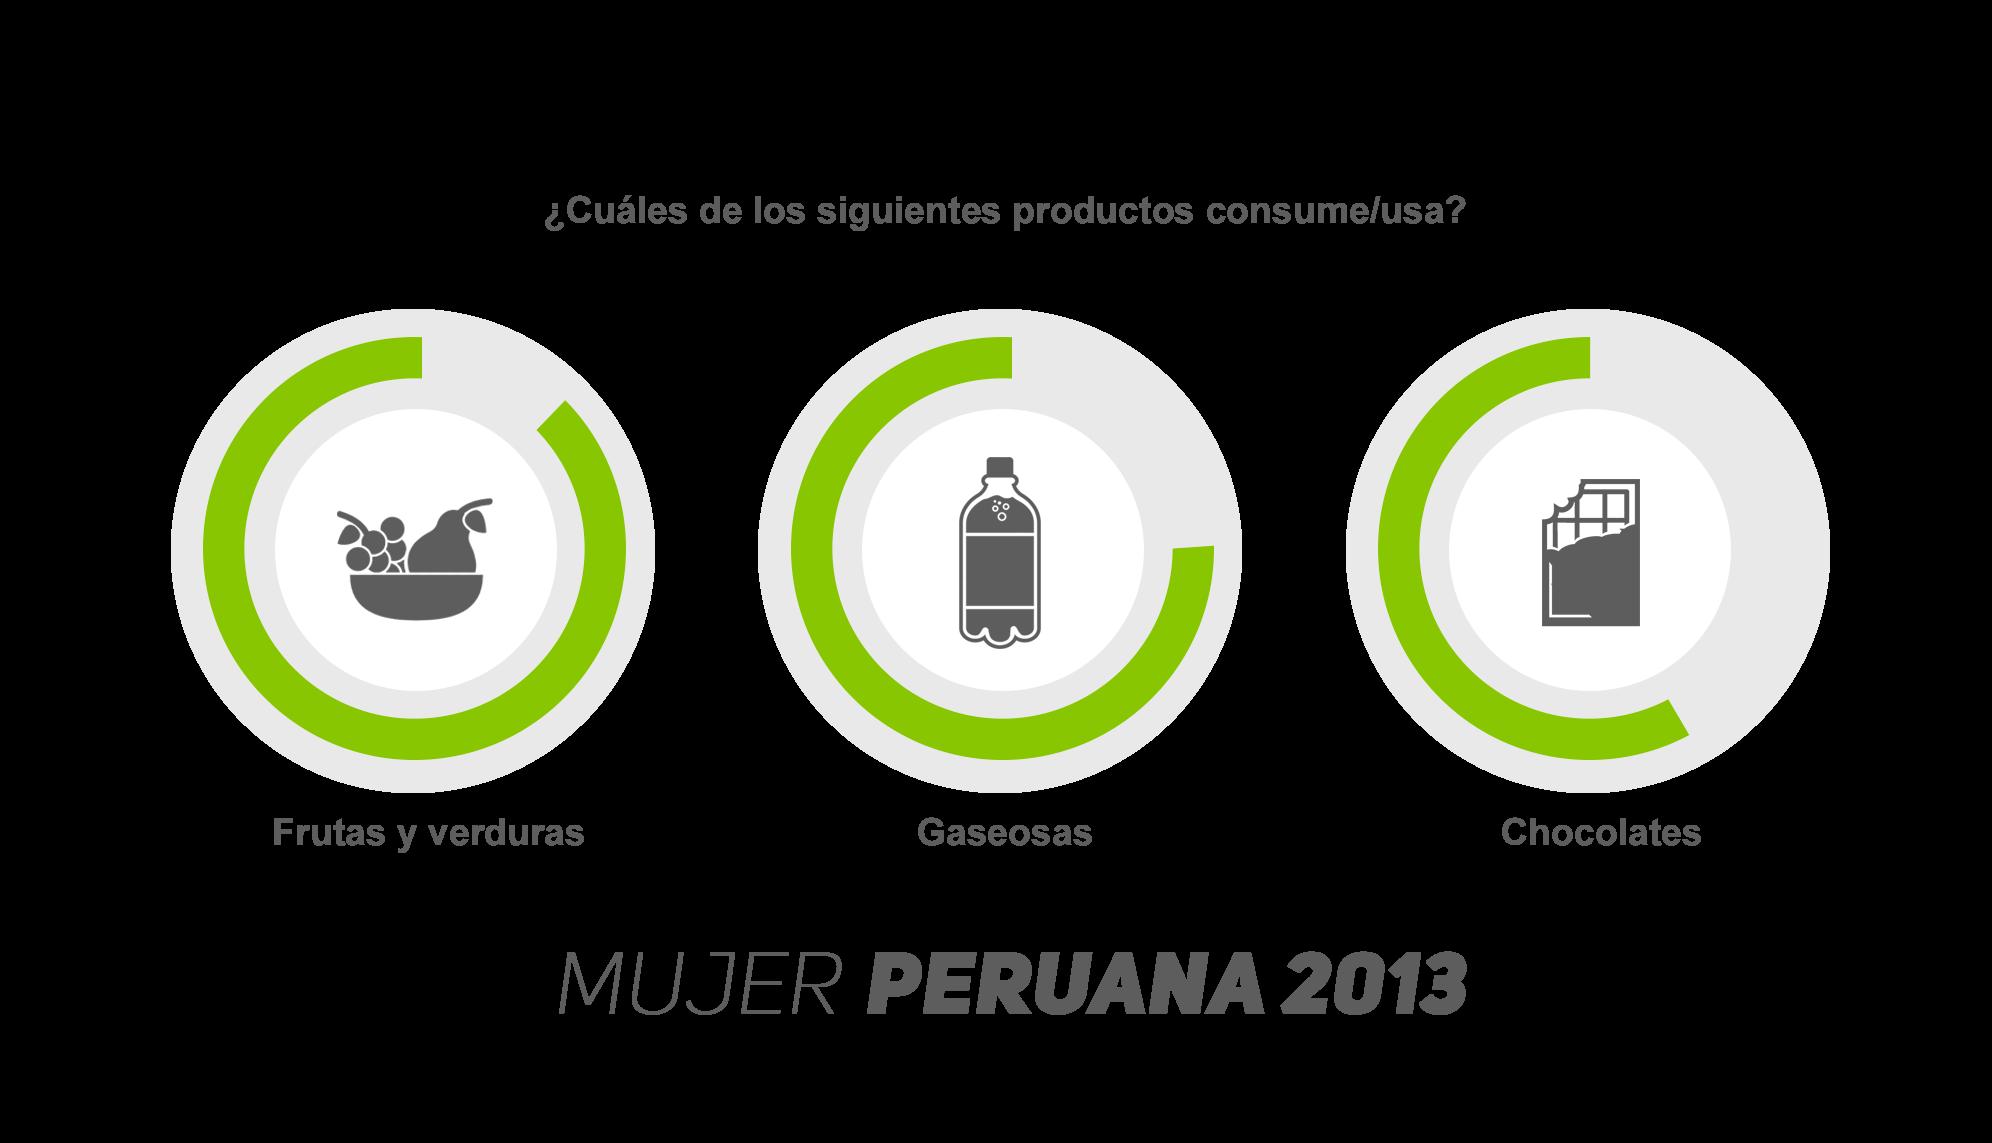 Mujer Peruana 2013